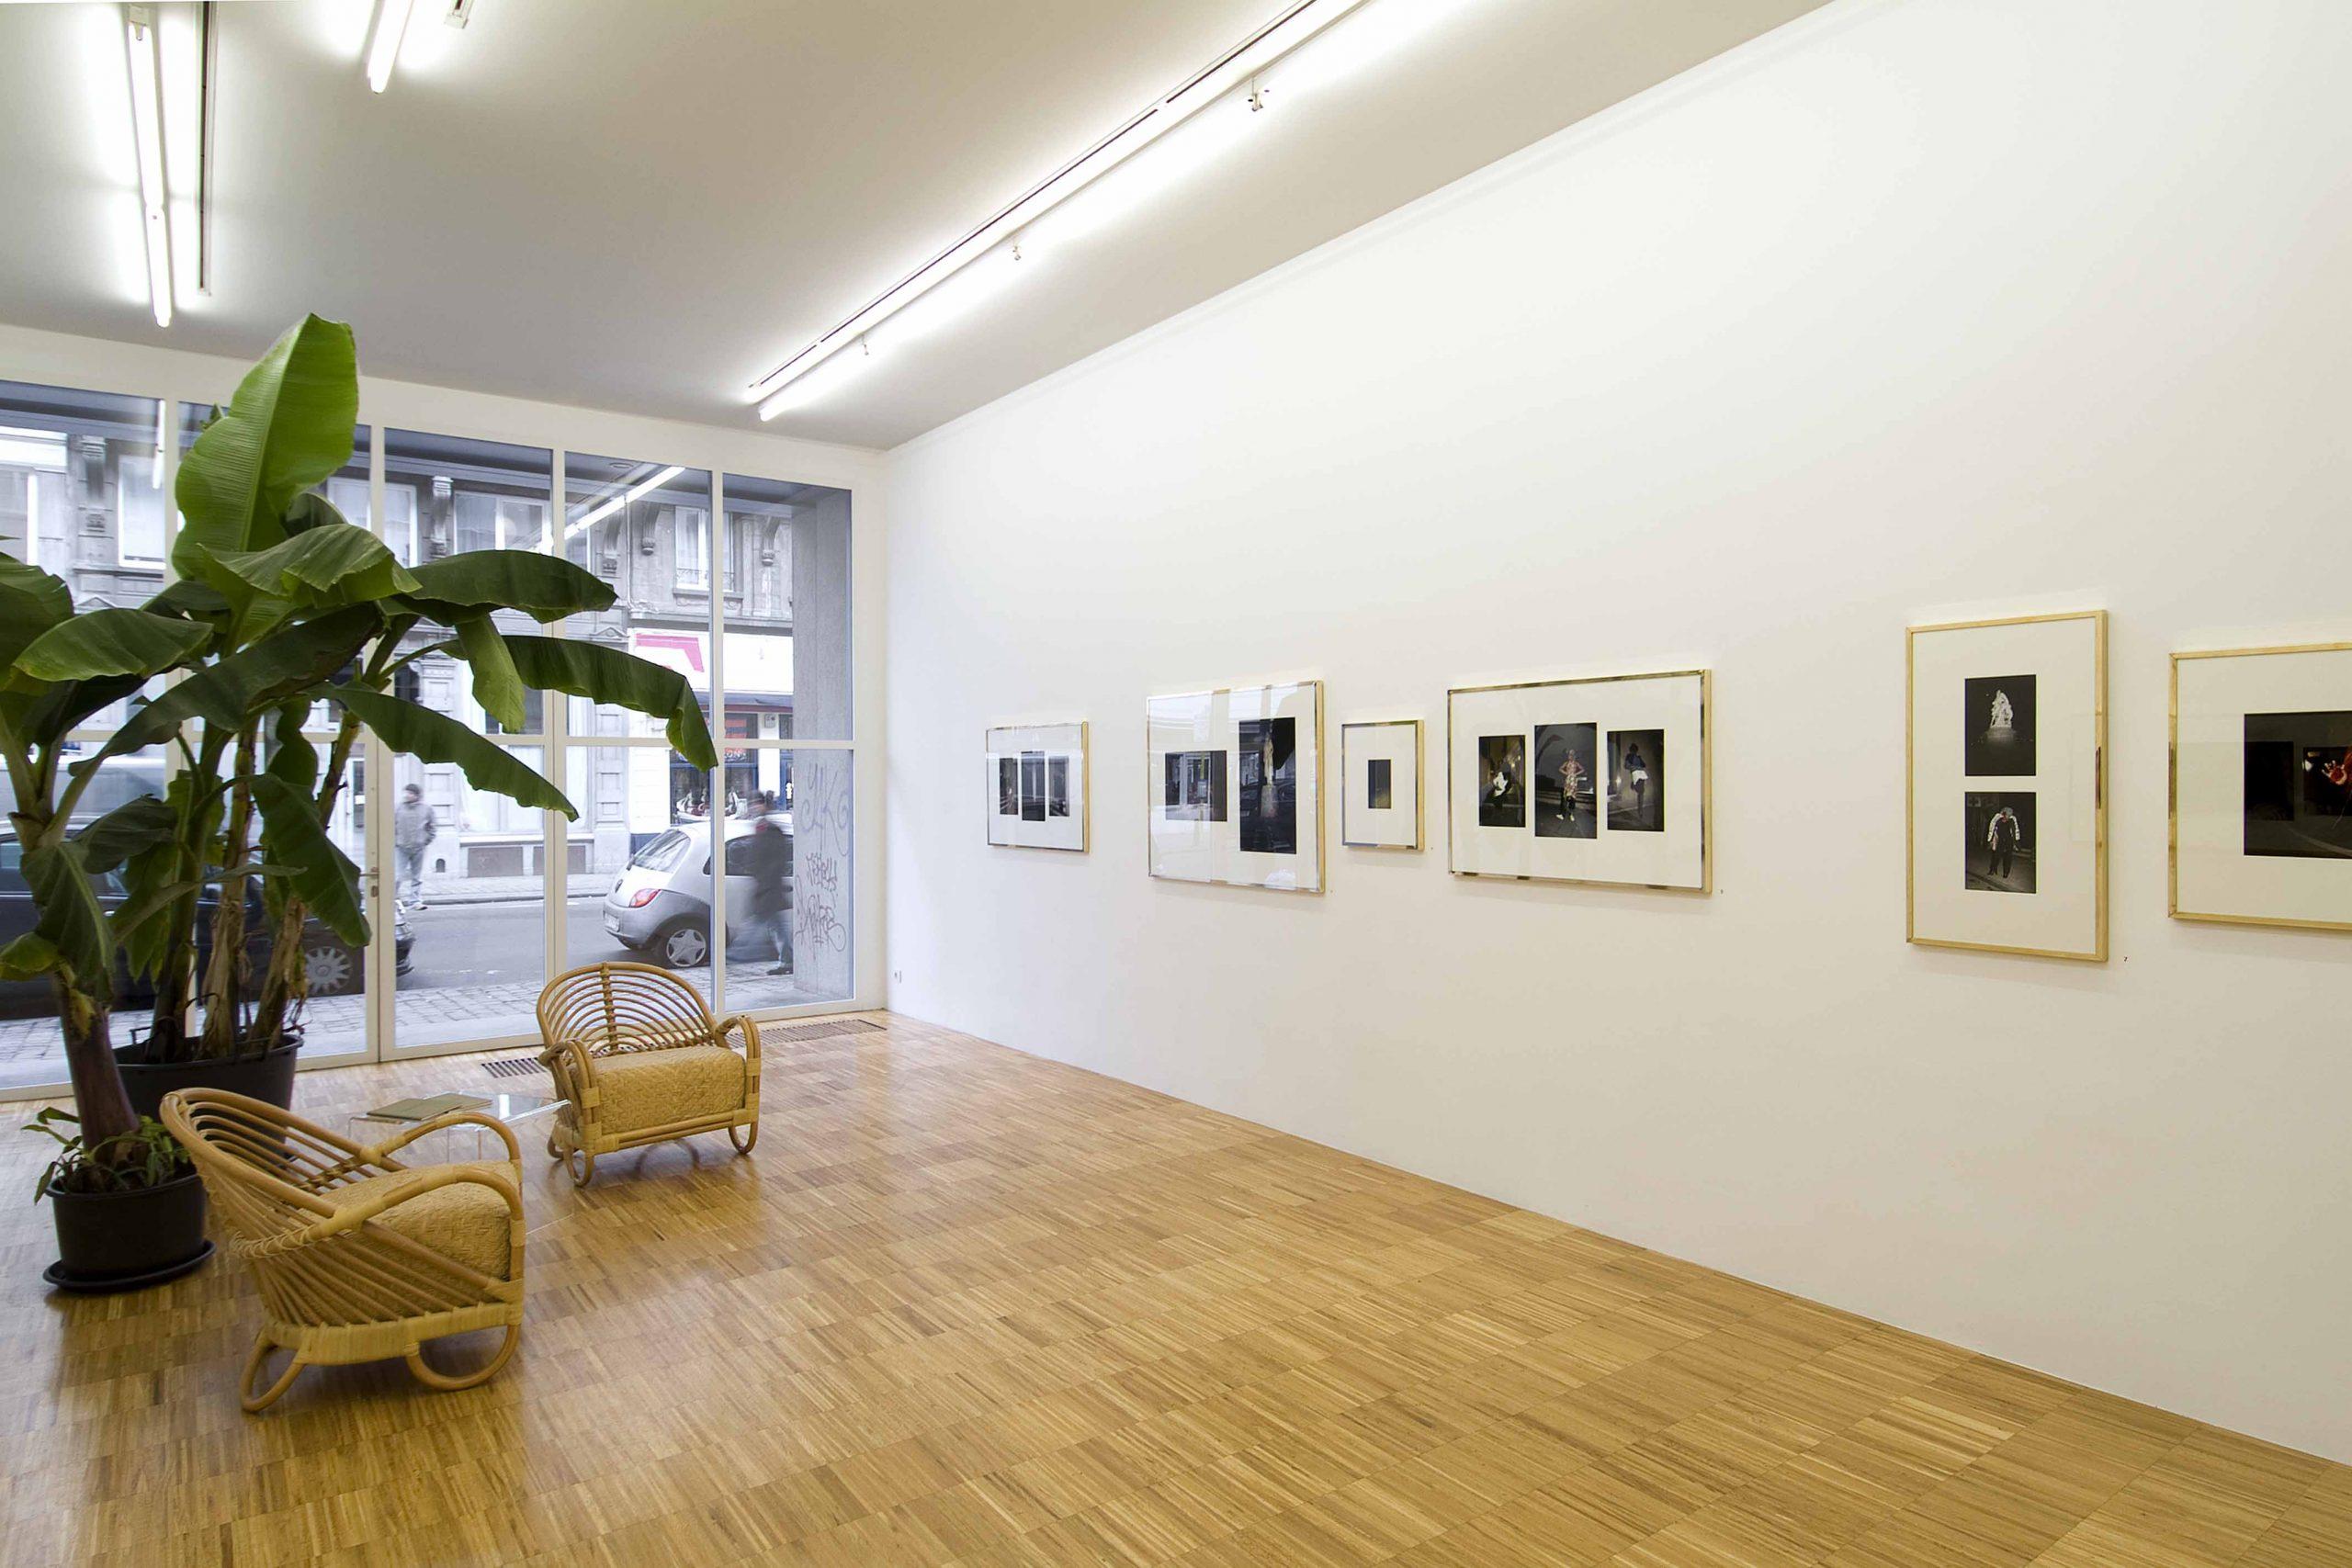 Sven Augustijnen - installation view at Jan Mot, 2008